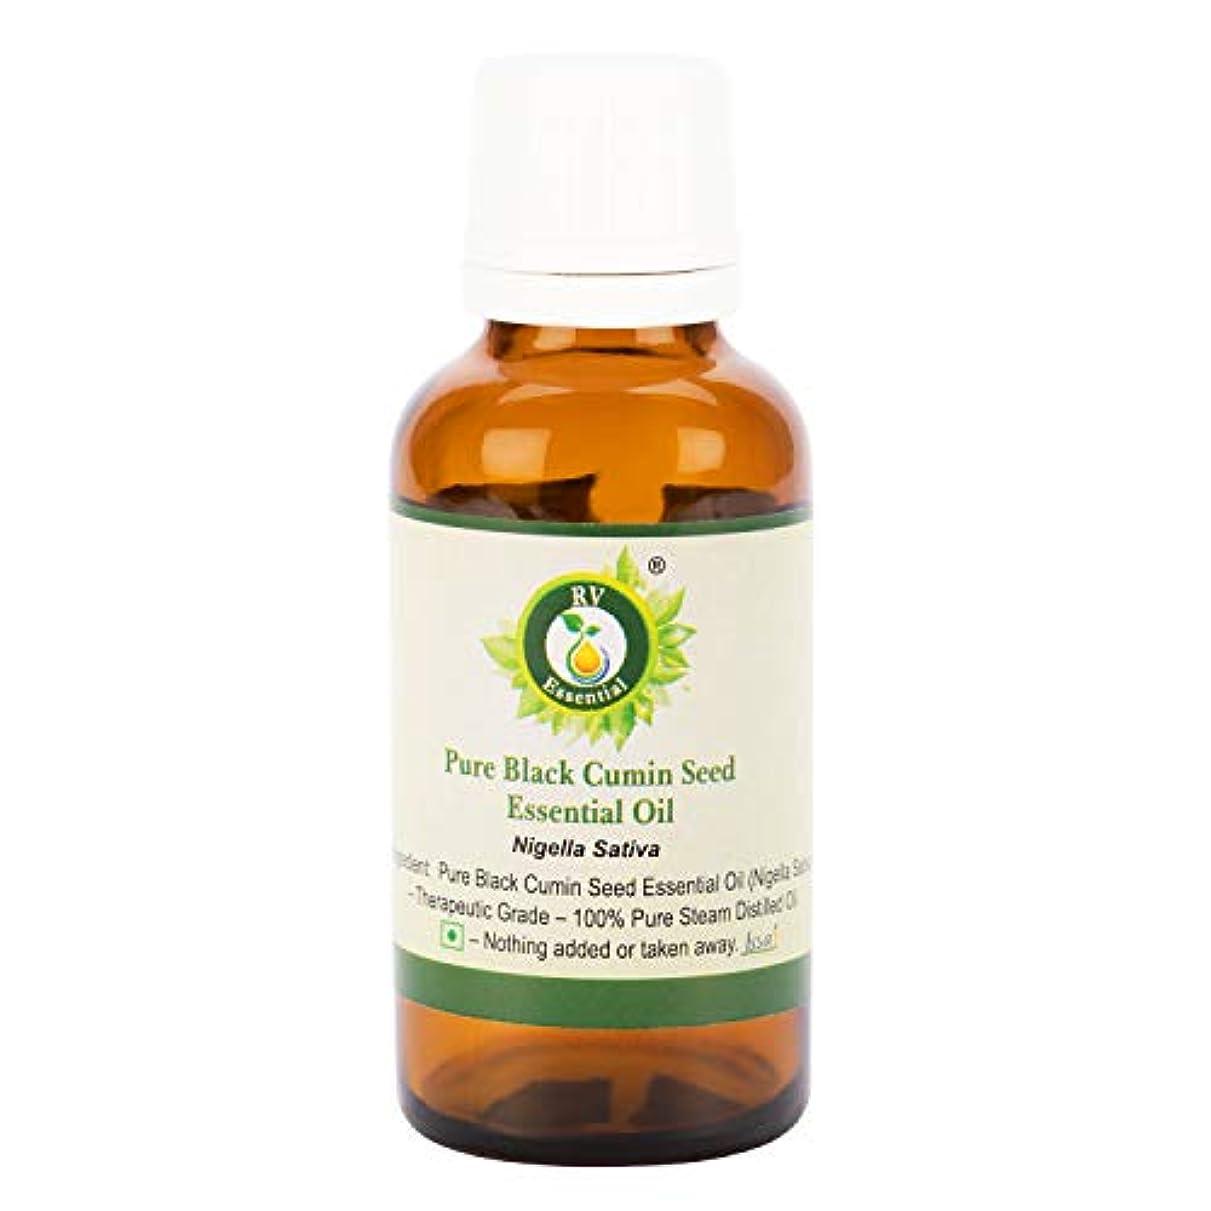 年次セクタ恐れるピュアブラッククミンシードエッセンシャルオイル5ml (0.169oz)- Nigella Sativa (100%純粋&天然スチームDistilled) Pure Black Cumin Seed Essential...